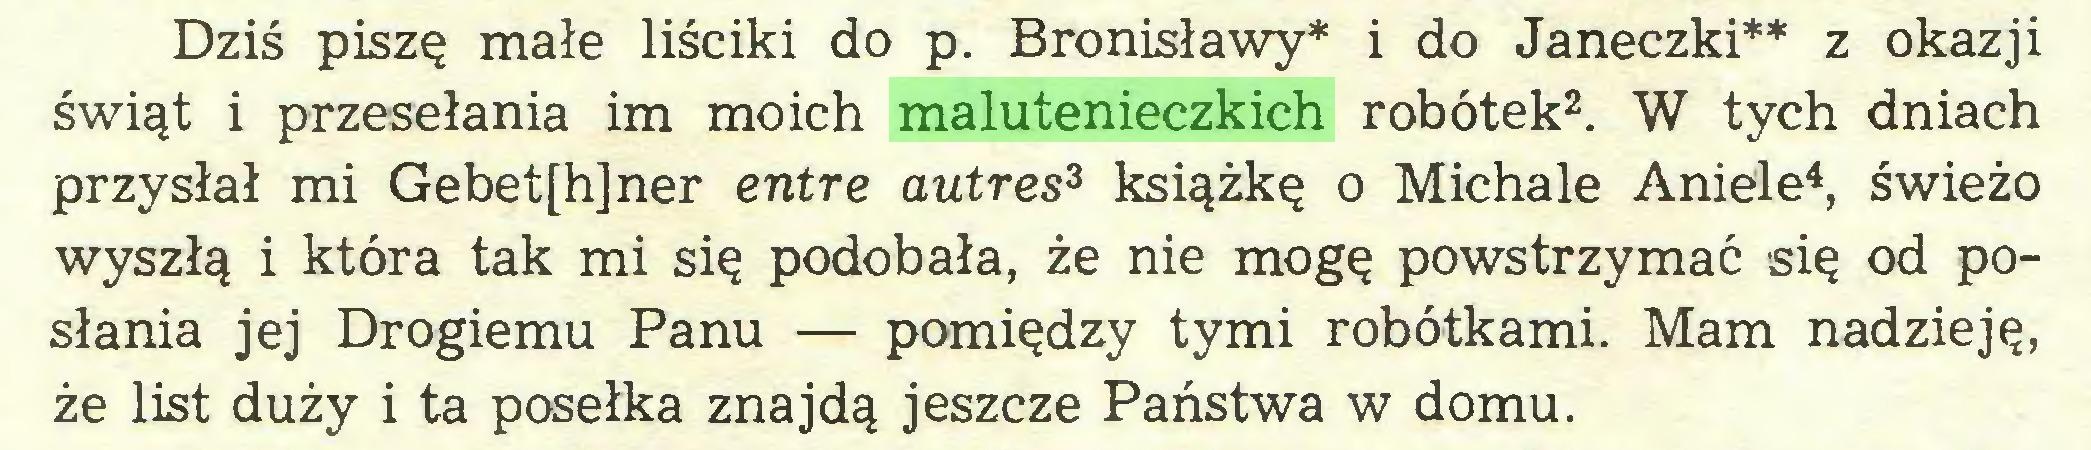 (...) Dziś piszę małe liściki do p. Bronisławy* i do Janeczki** z okazji świąt i przesełania im moich malutenieczkich robótek2. W tych dniach przysłał mi Gebet[h]ner entre autres3 książkę o Michale Aniele4, świeżo wyszłą i która tak mi się podobała, że nie mogę powstrzymać się od posłania jej Drogiemu Panu — pomiędzy tymi robótkami. Mam nadzieję, że list duży i ta posełka znajdą jeszcze Państwa w domu...